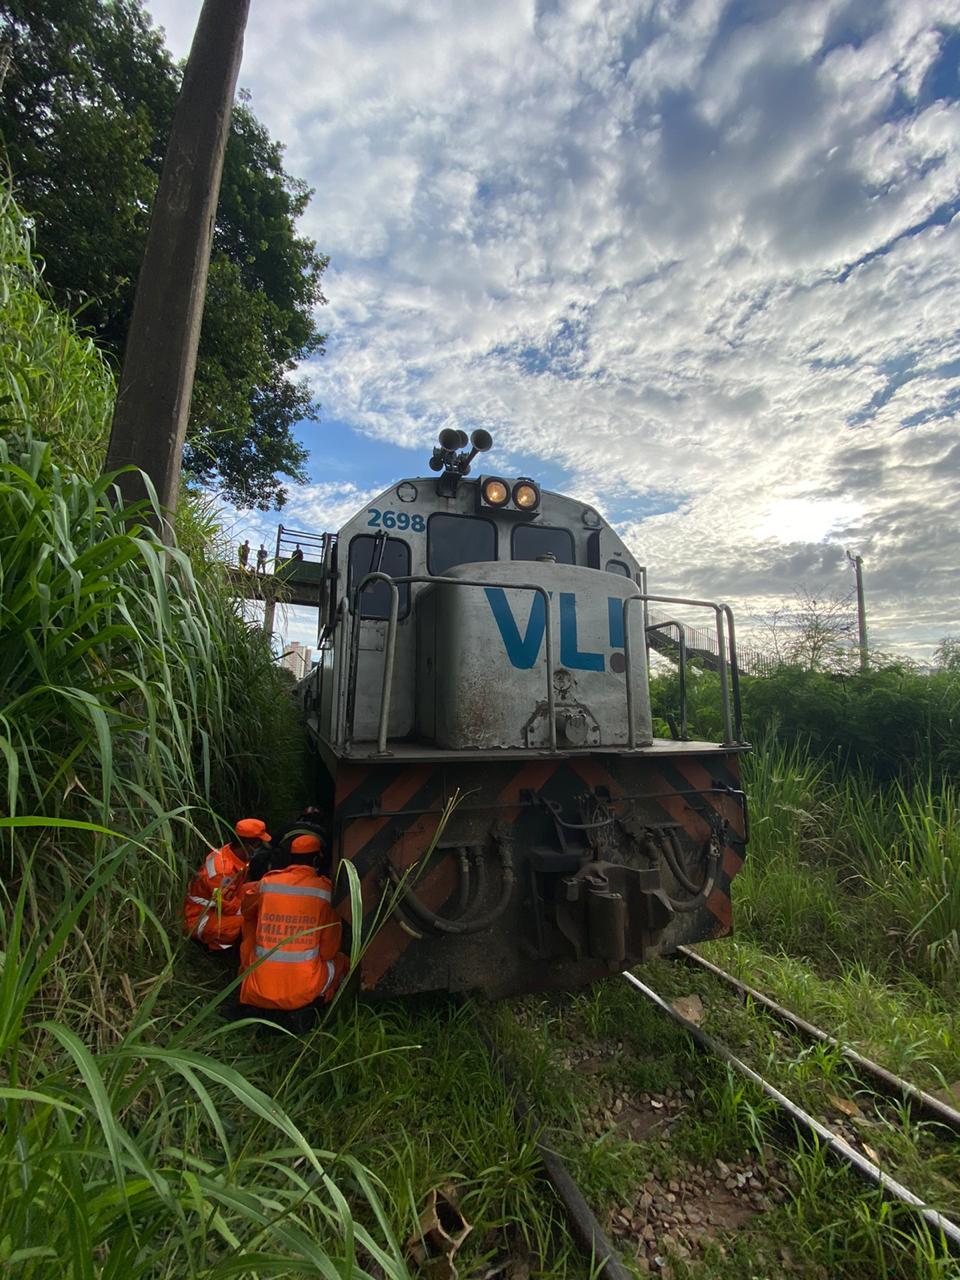 Homem tem perna amputada após ser atropelado por trem no bairro Vista Alegre, em BH - Foto: Divulgação/Corpo de Bombeiros